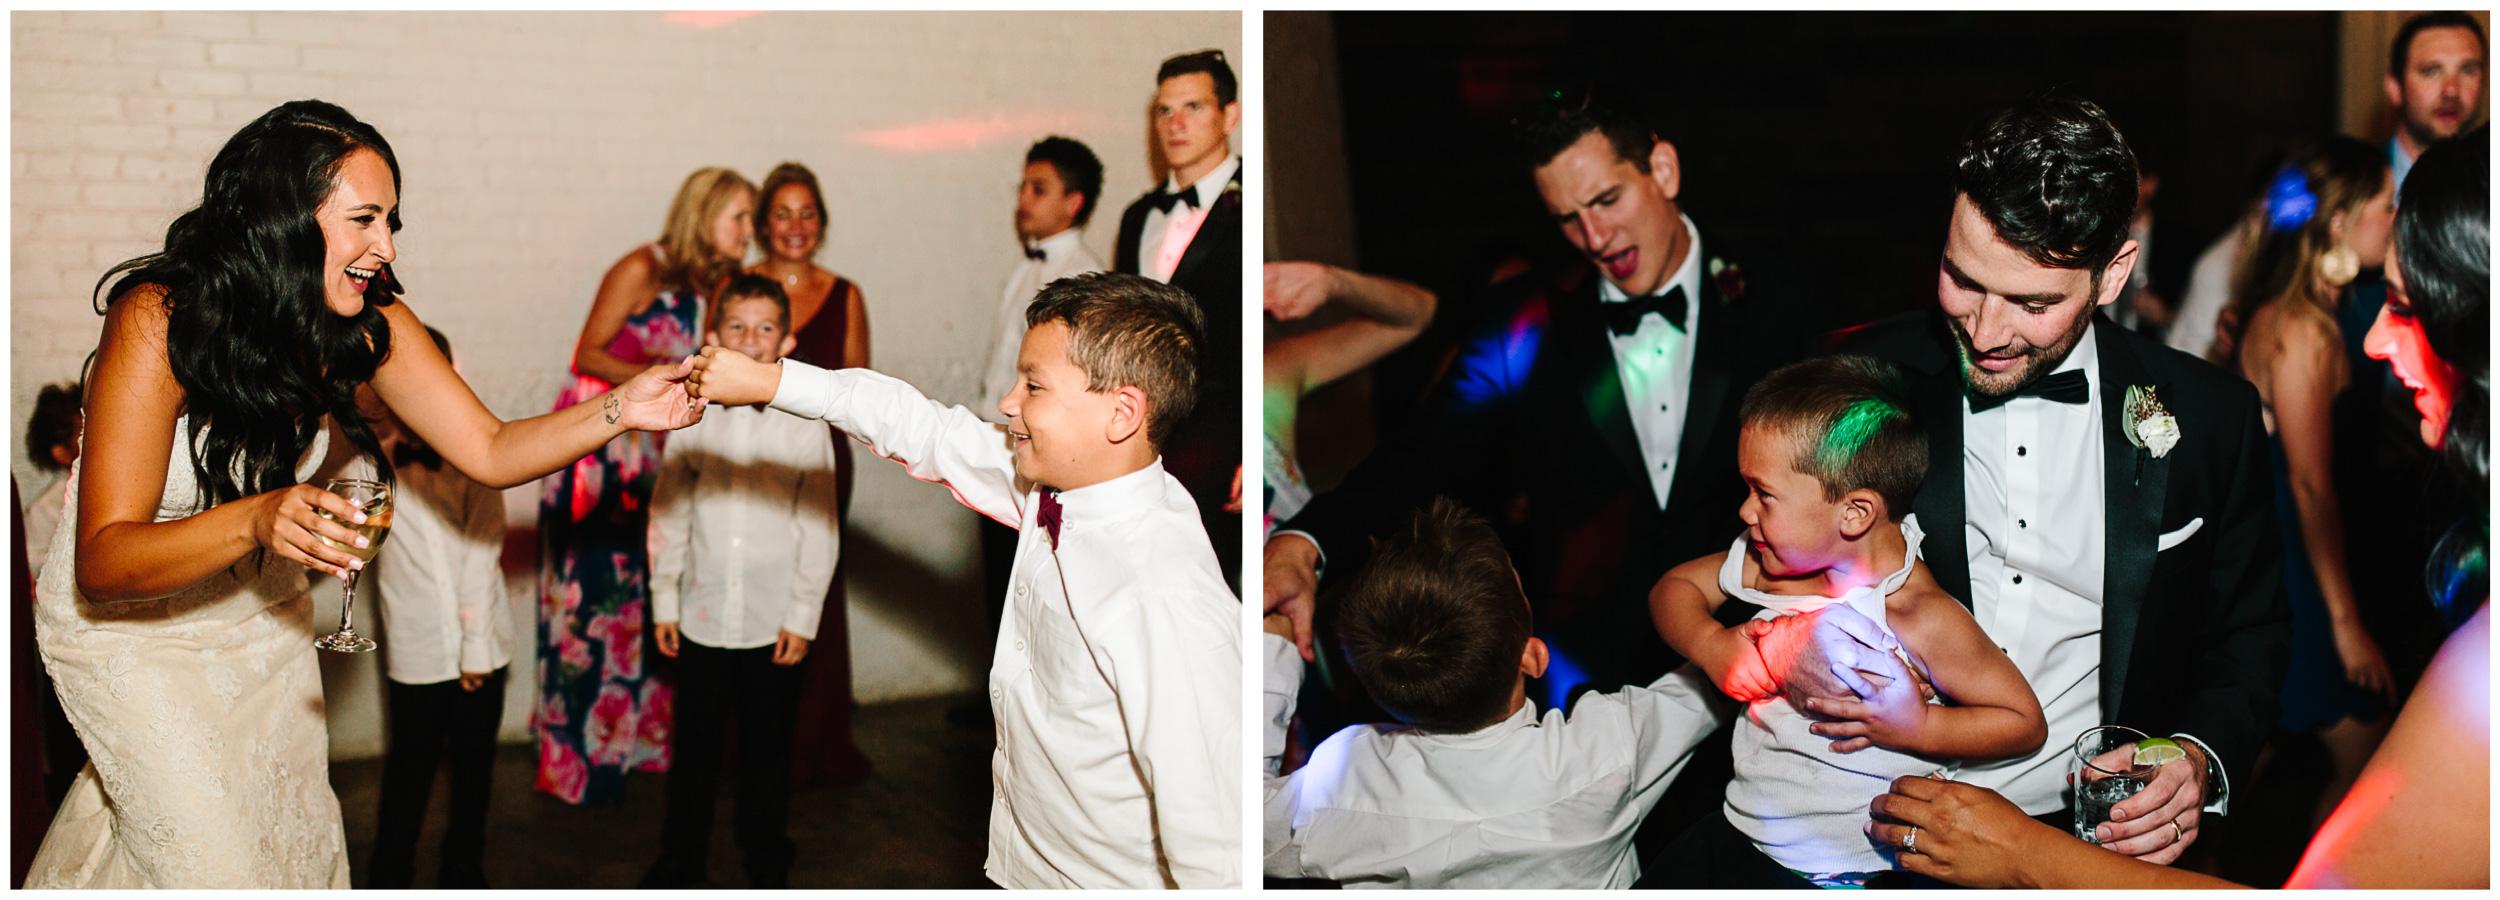 moss_denver_wedding_81a.jpg